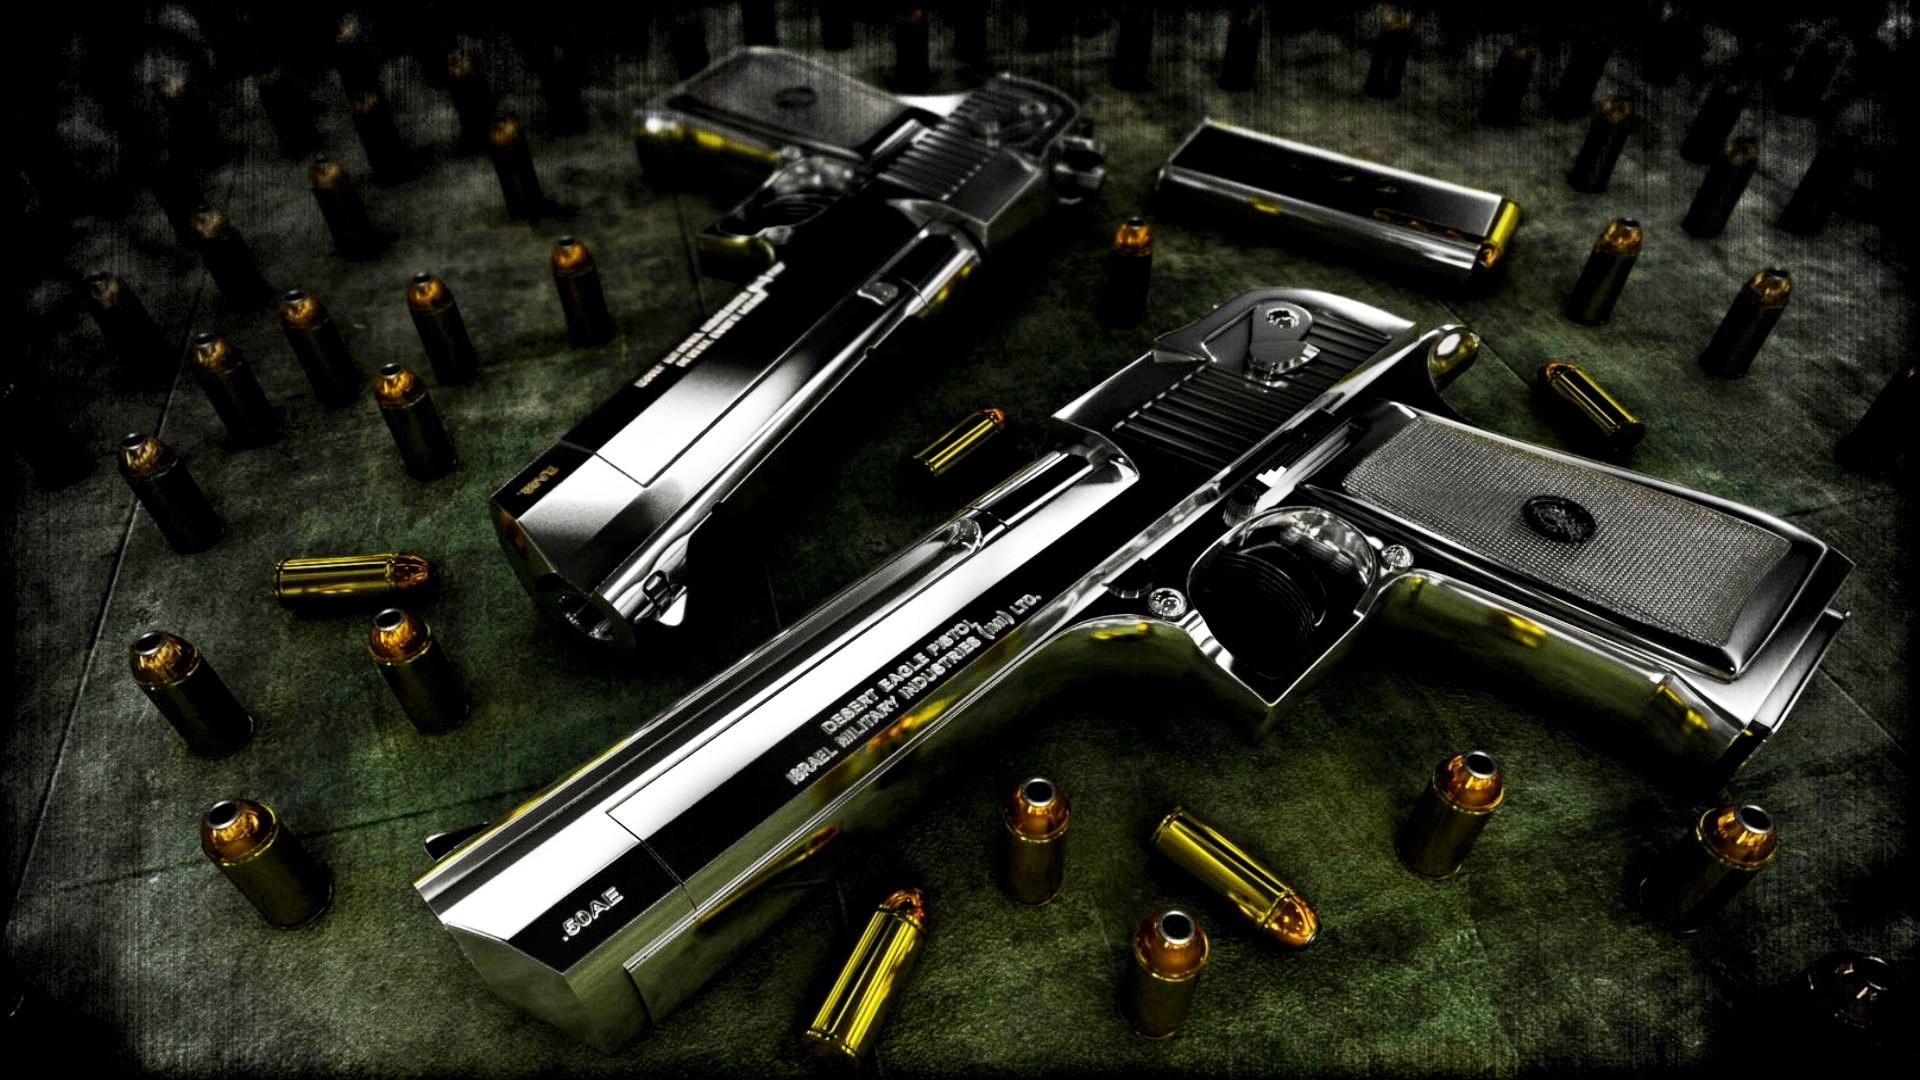 デスクトップ壁紙 車両 武器 拳銃 バレル 綺麗な スクリーン